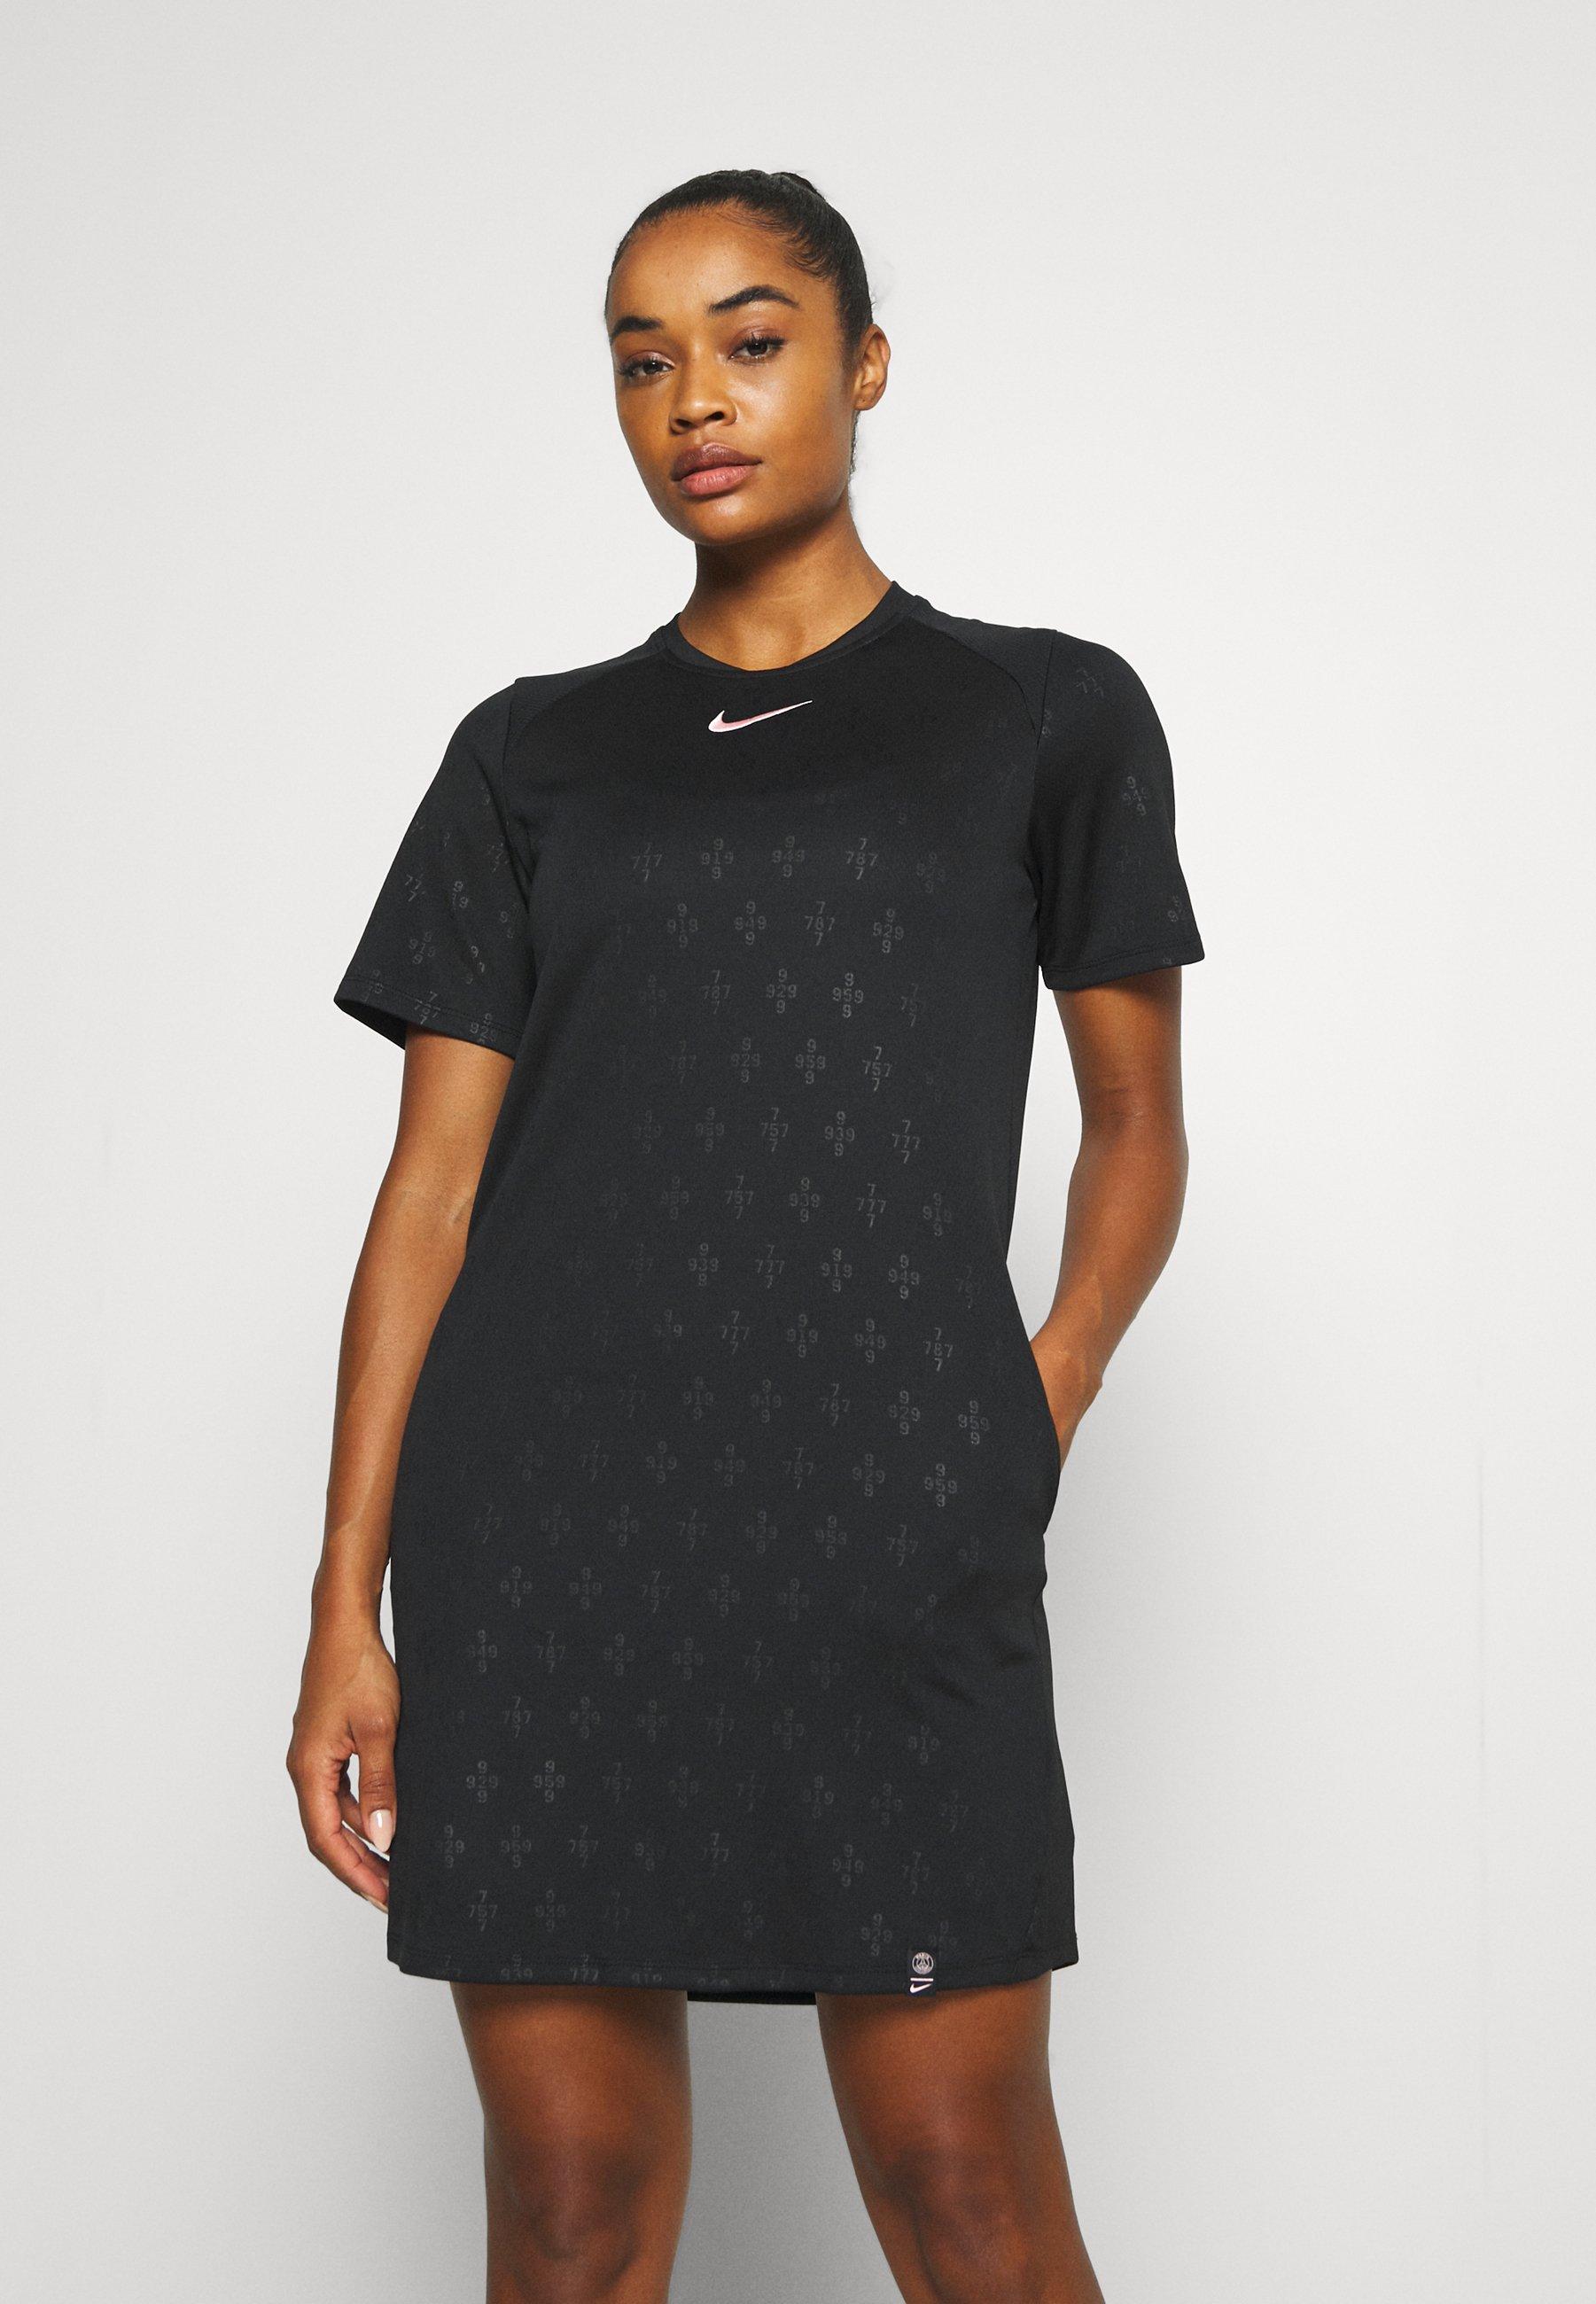 Women PARIS ST GERMAIN DRESS - Club wear